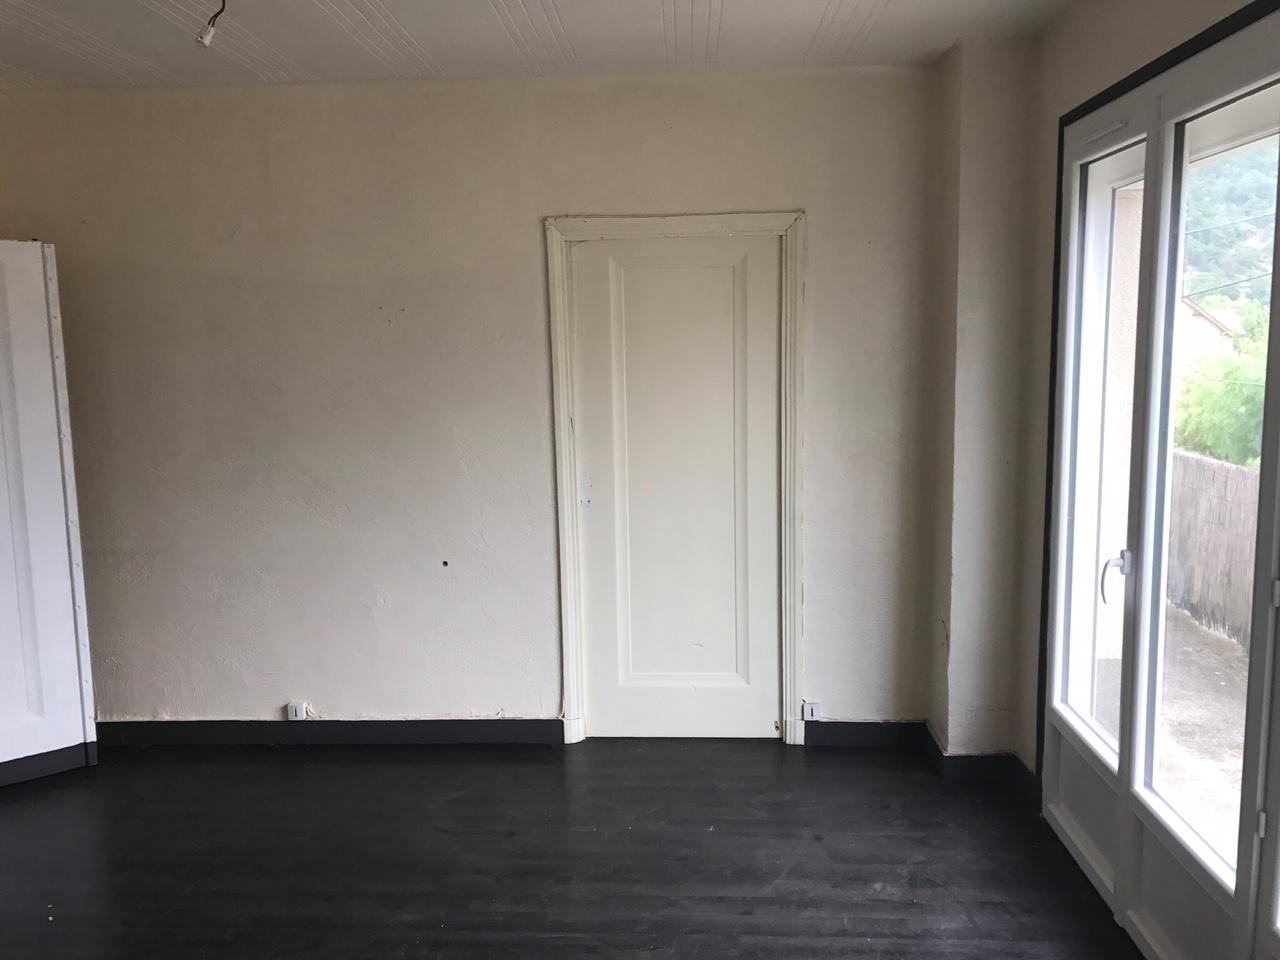 immeuble entier avec 4 appartements et 6 garages  u2013 cv